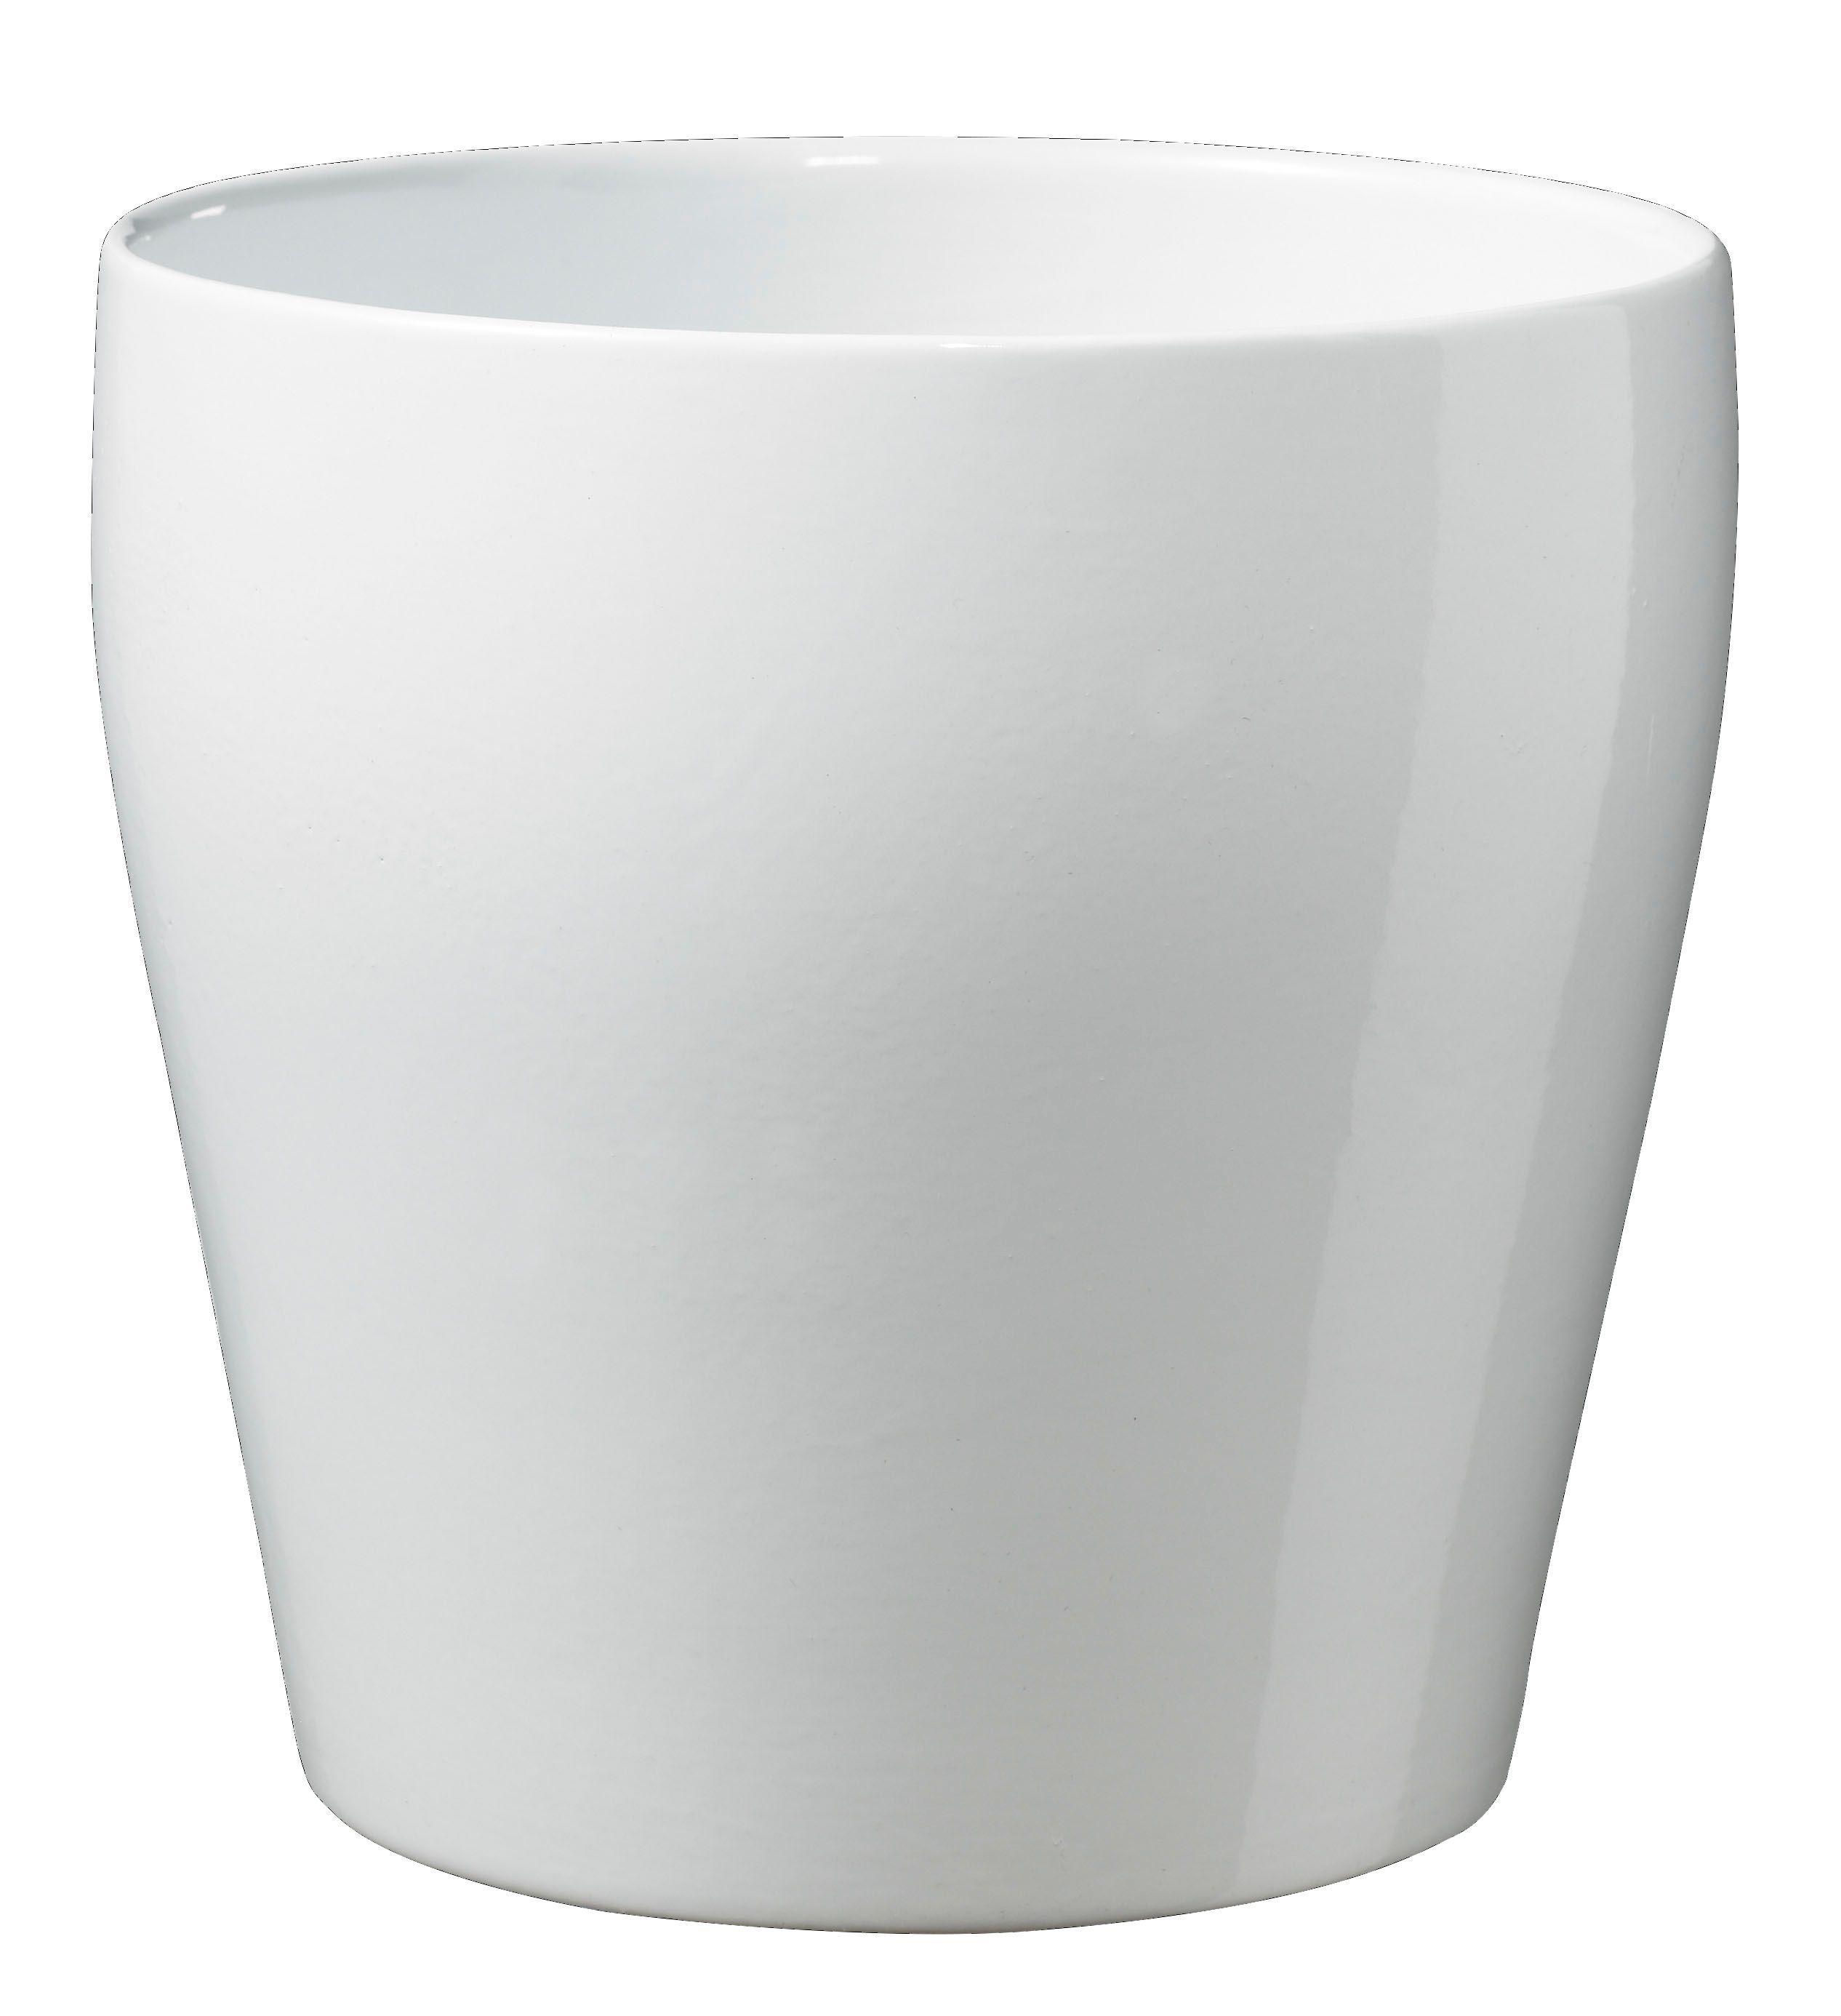 Messina Round Ceramic White Plant Pot H 190mm Dia 190mm